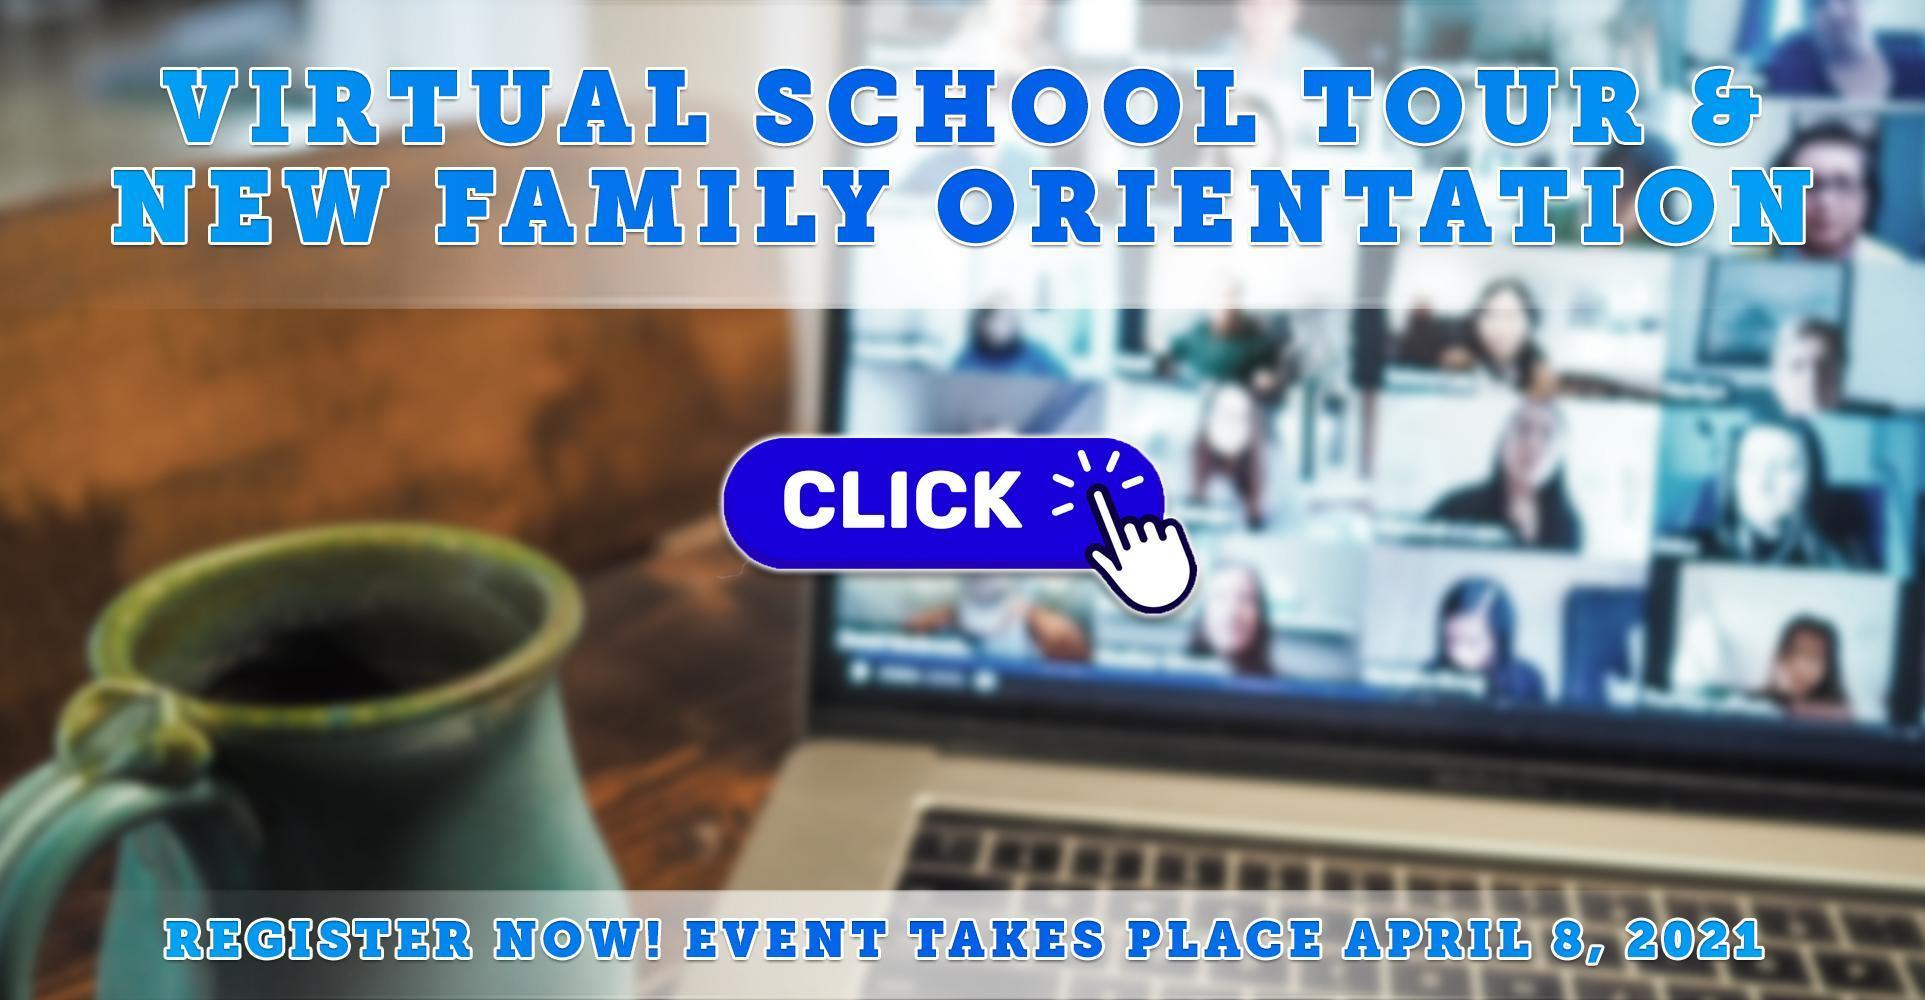 Virtual School Tour & New Family Orientation